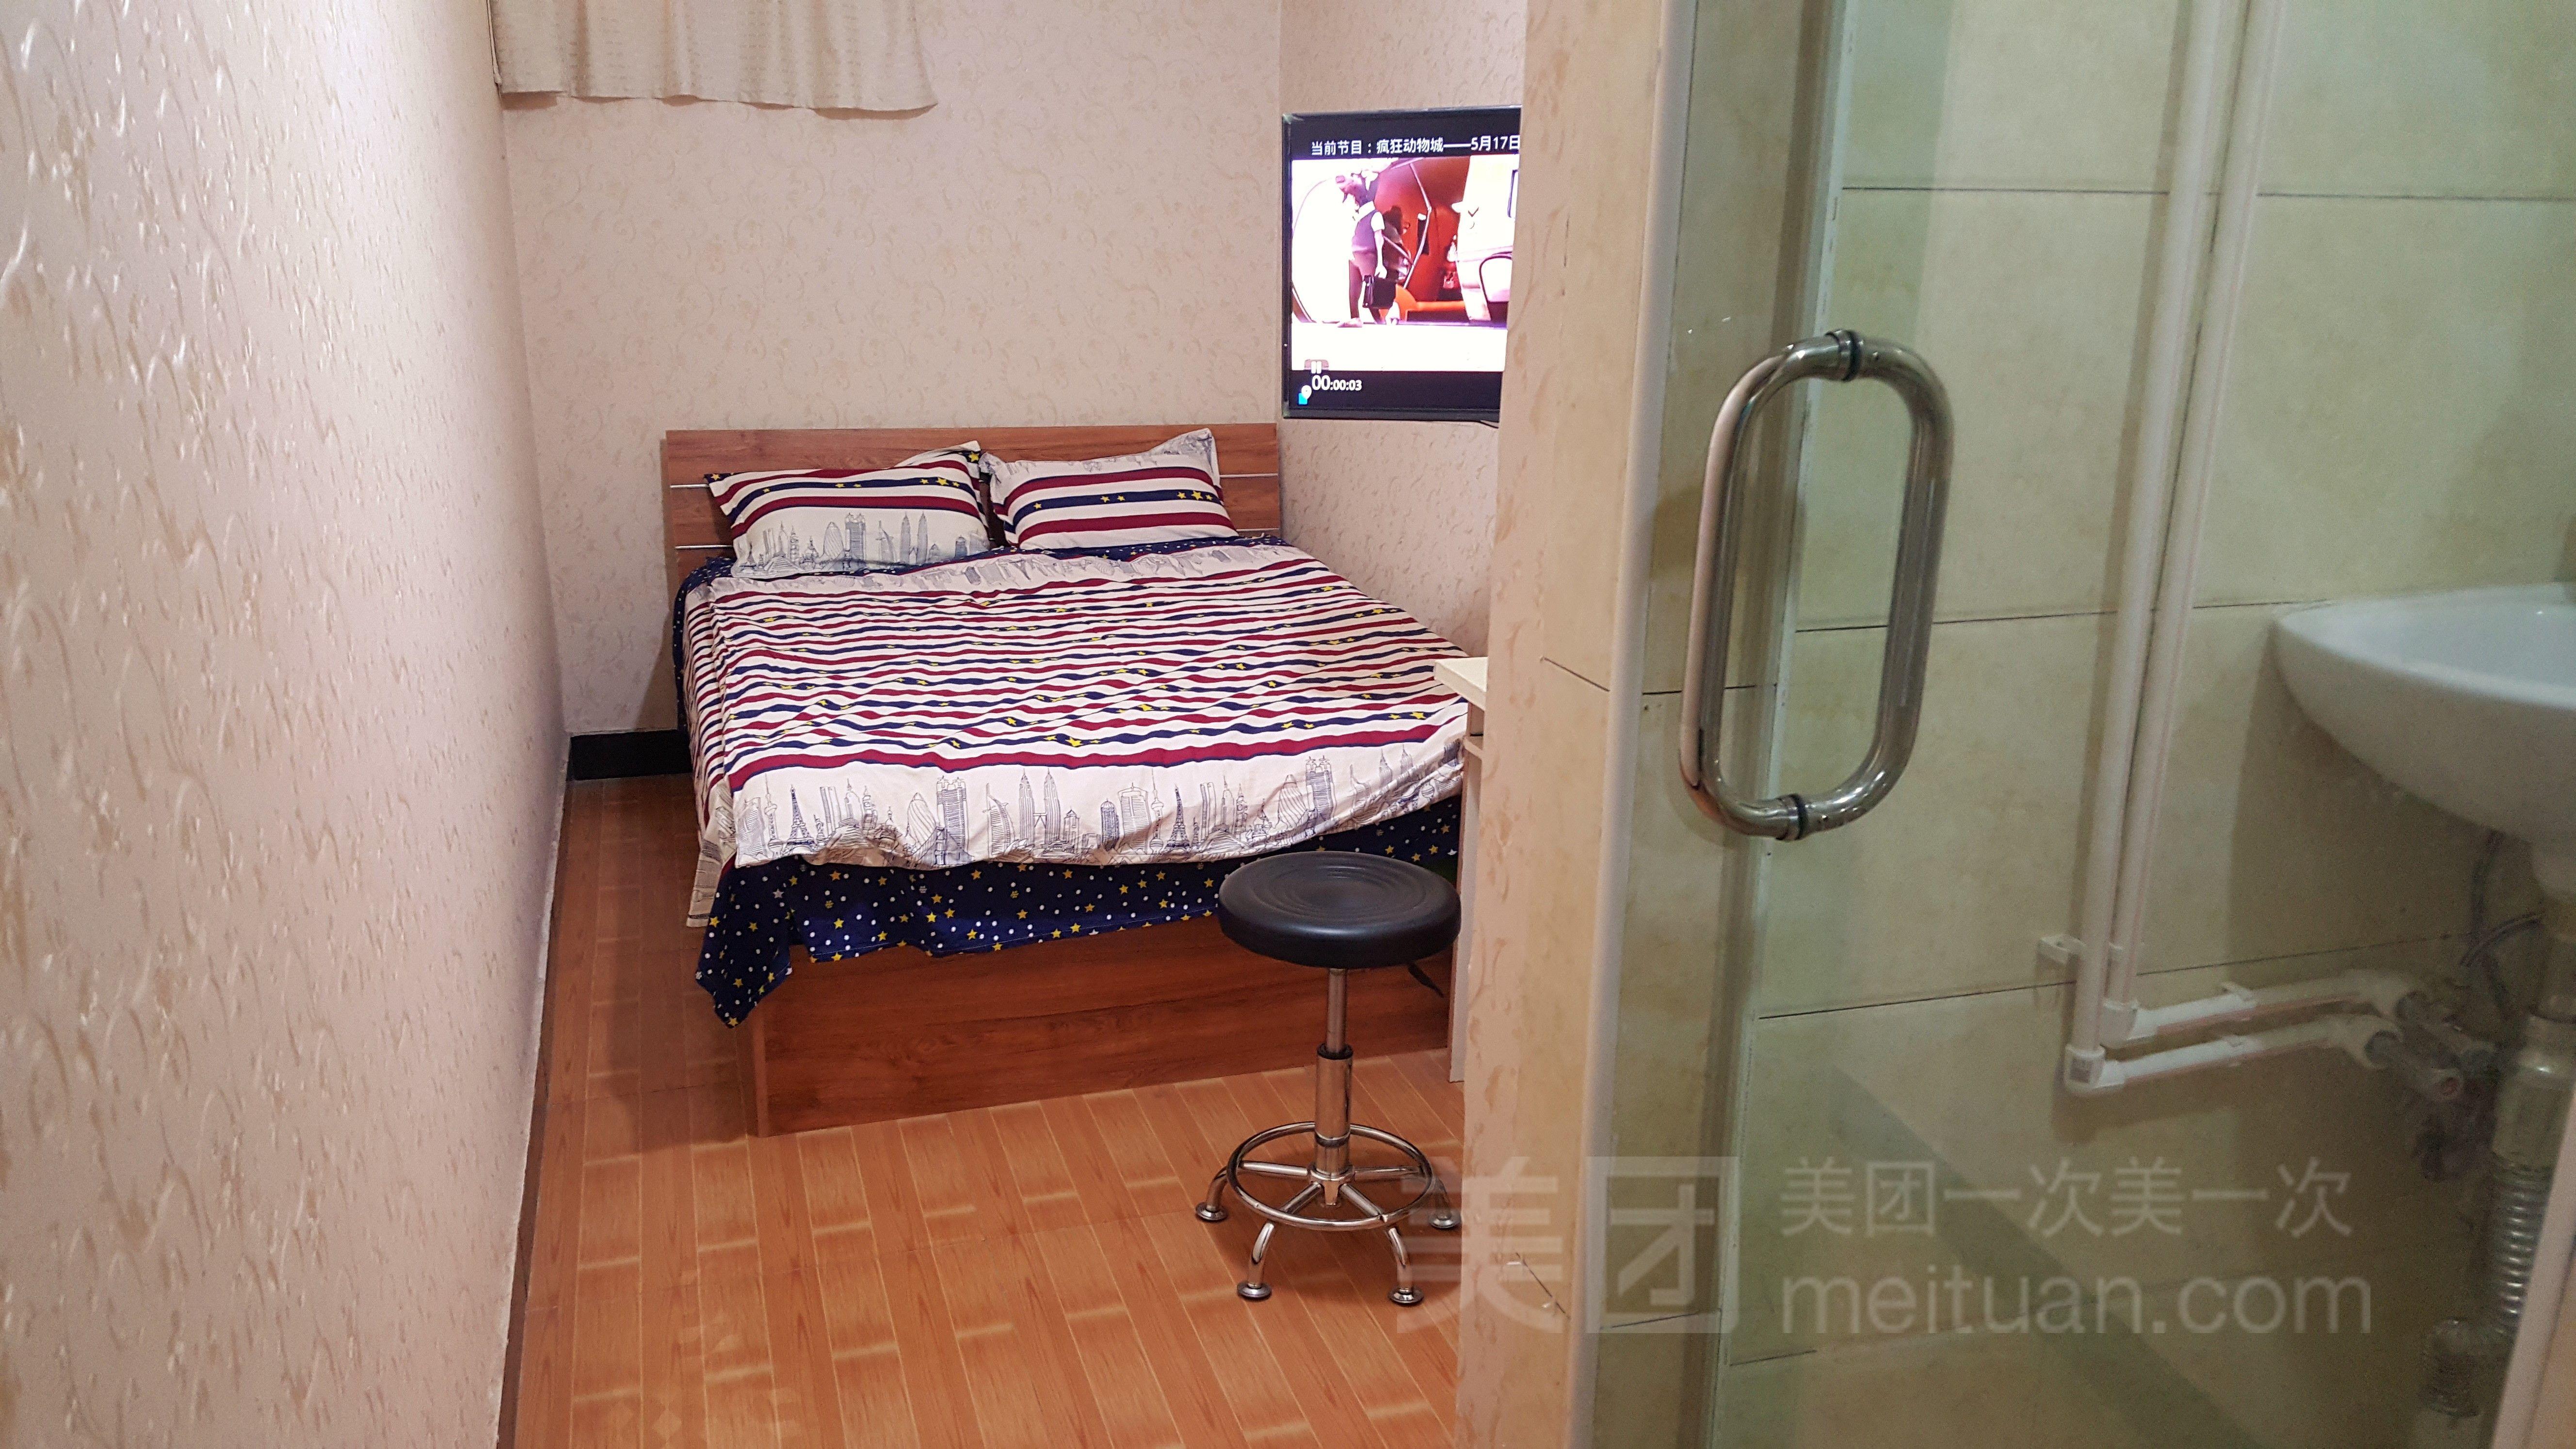 第五空间公寓预订/团购